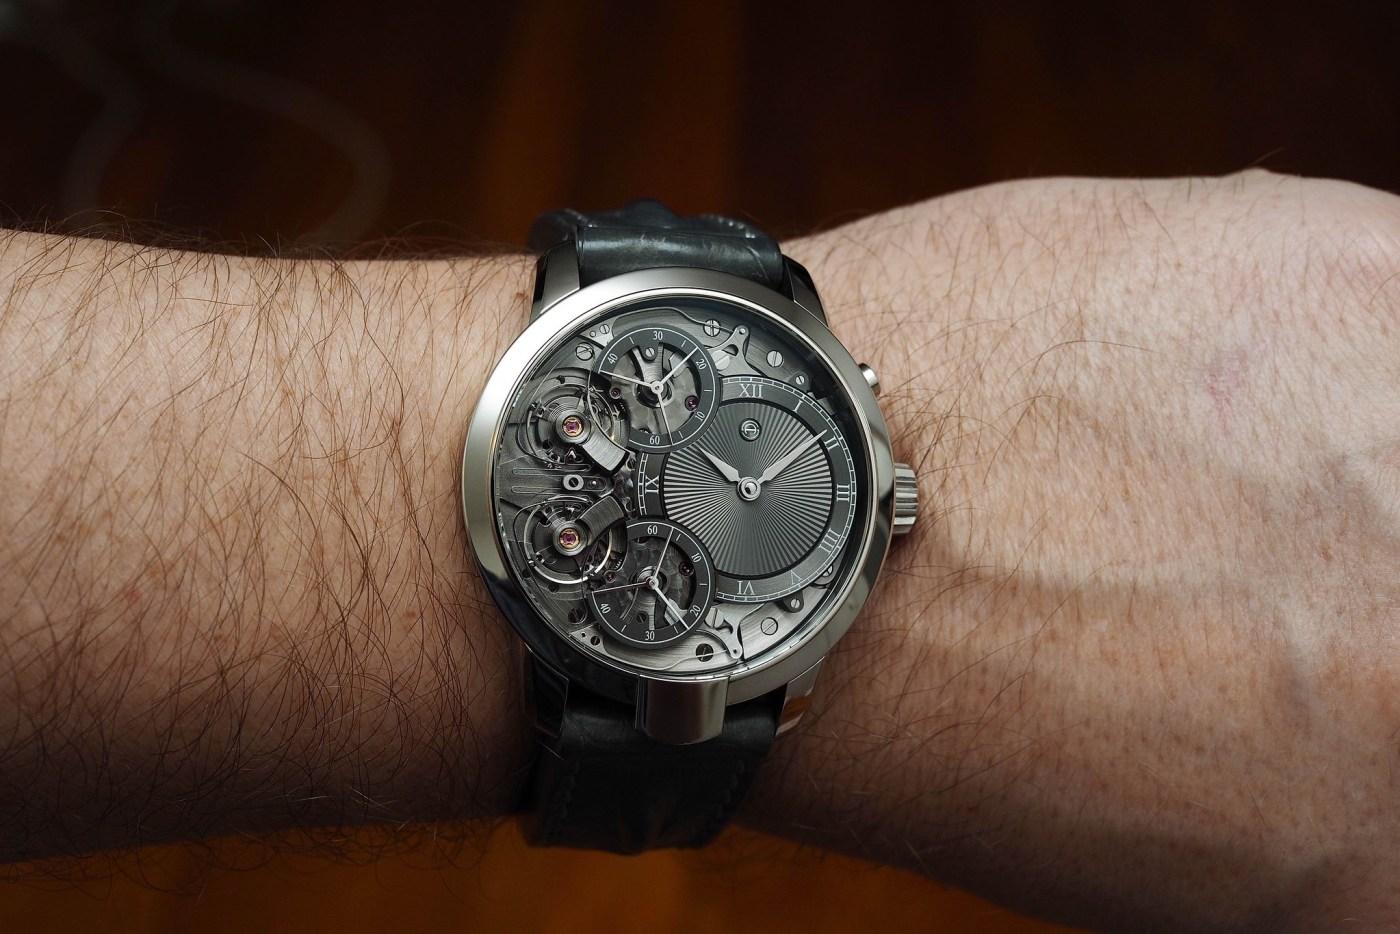 Armin Strom Mirrored Force Resonance wristshot close-up